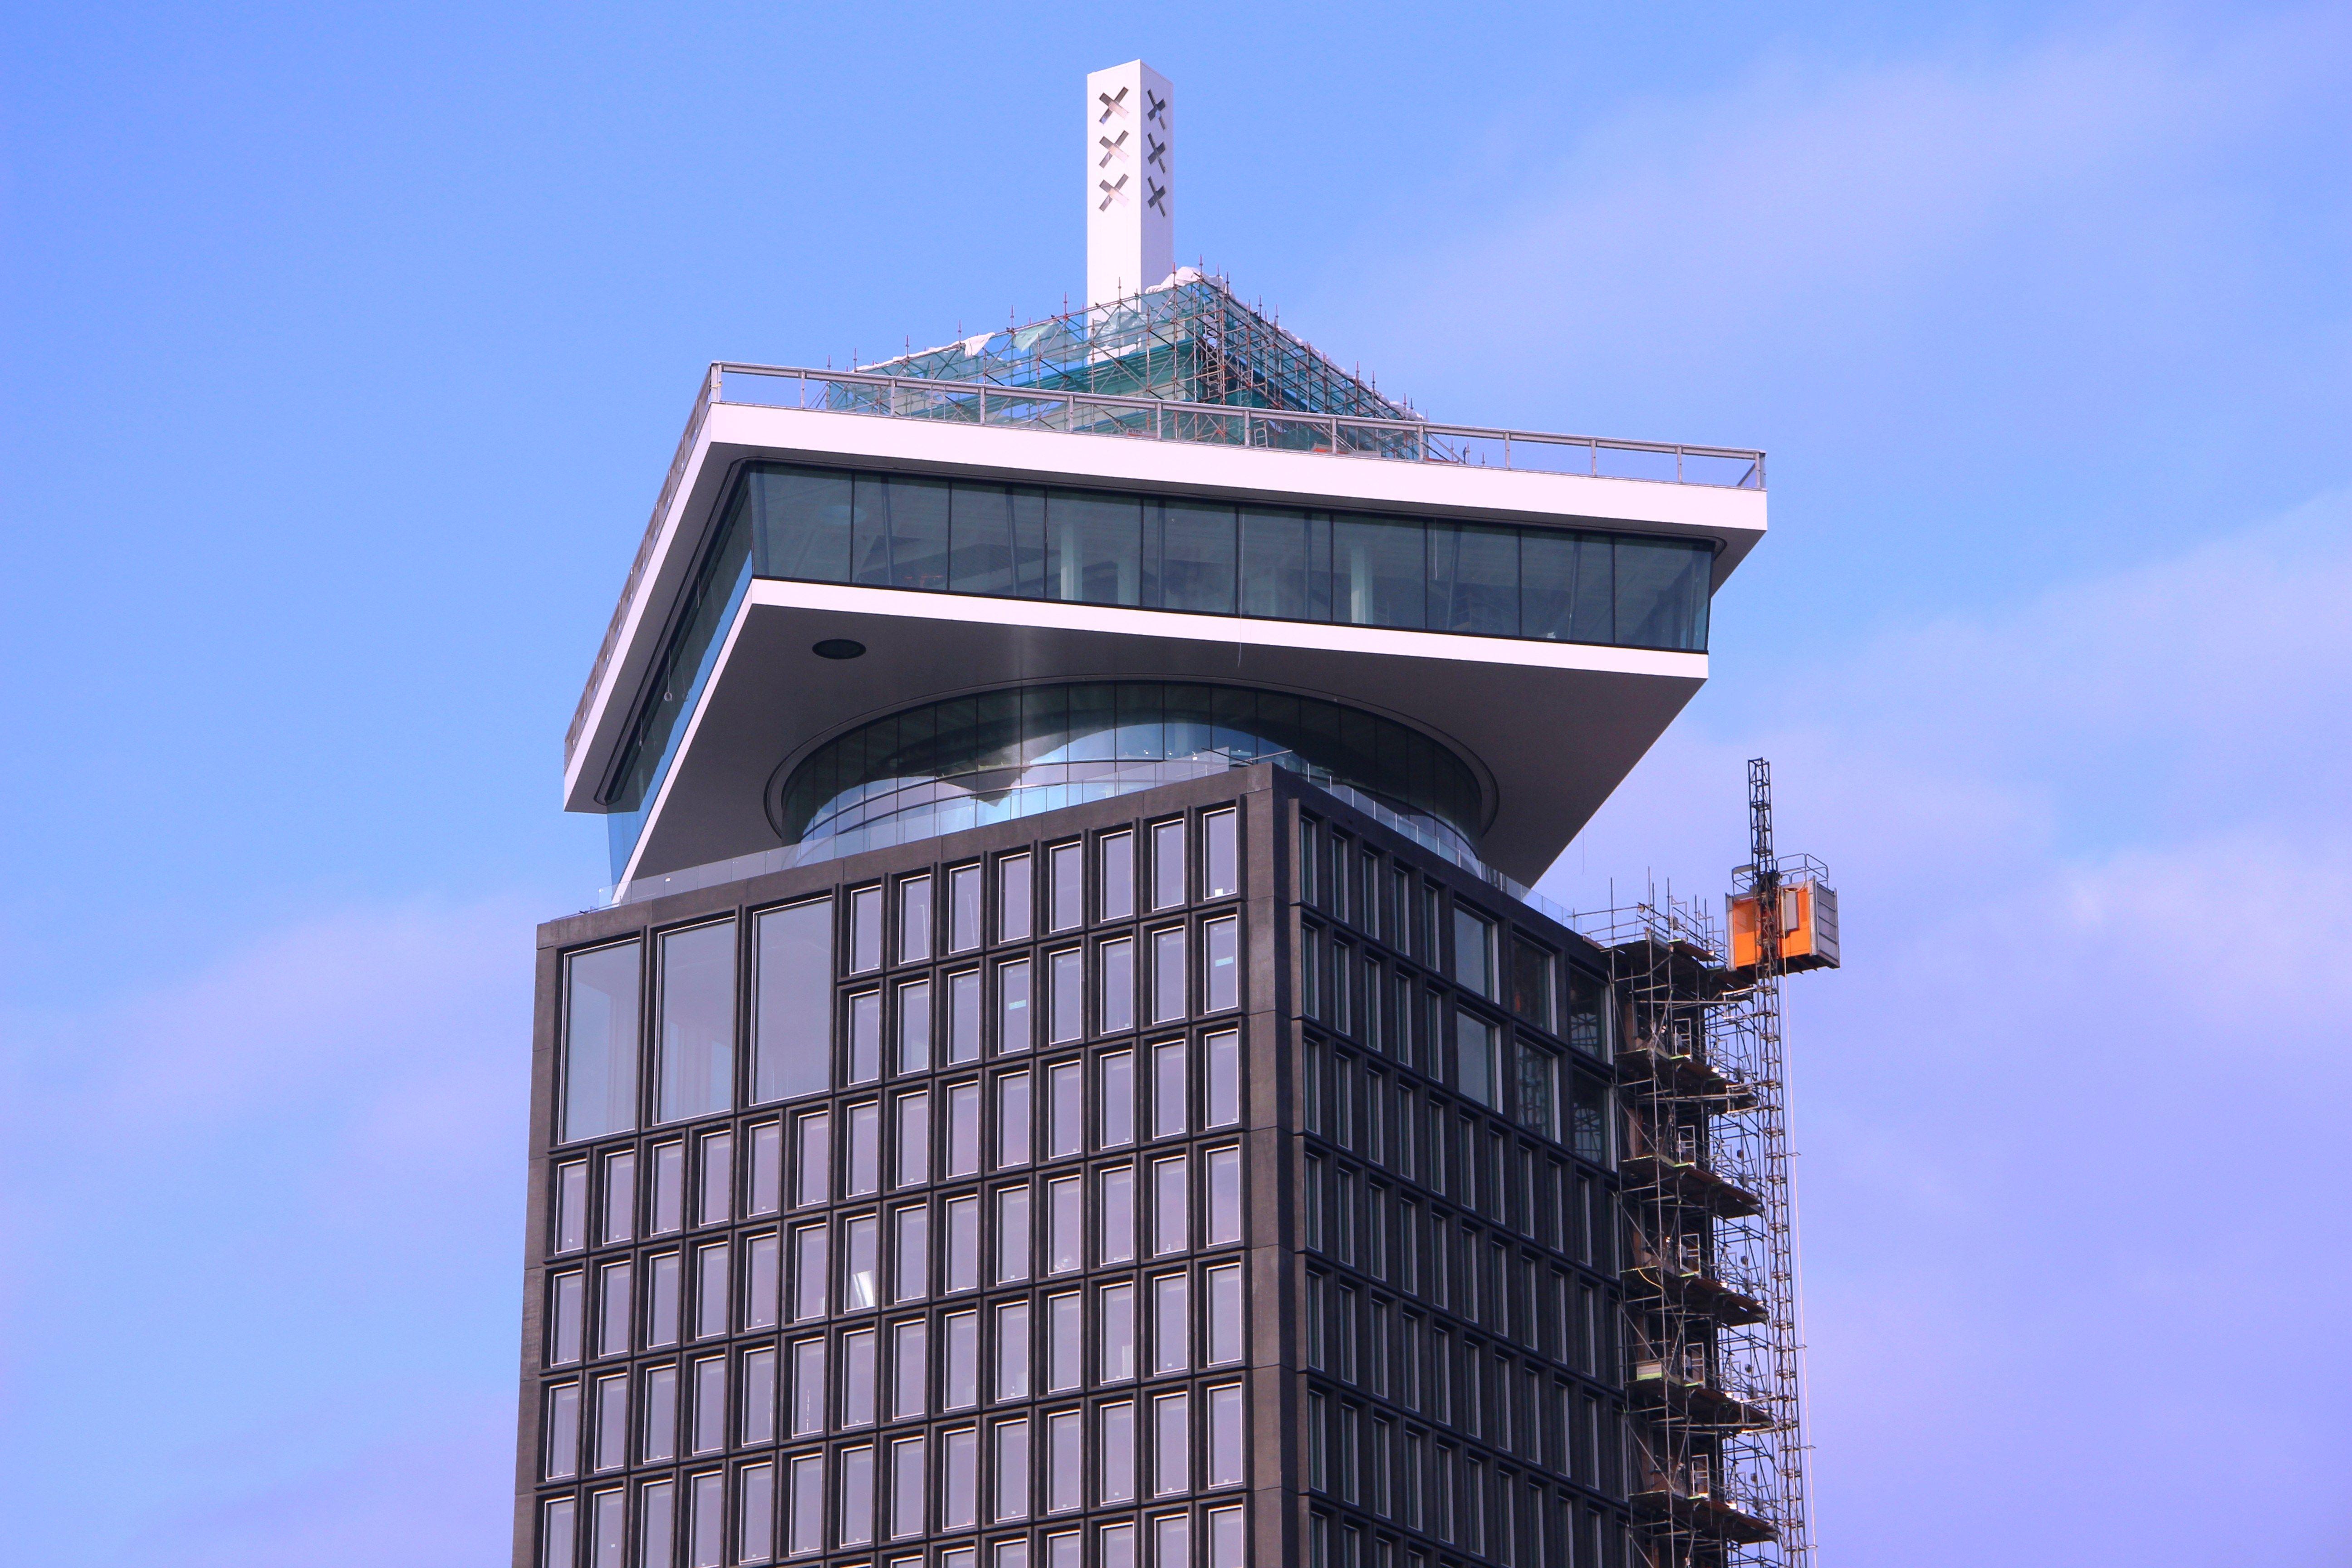 Tussen de toren en de kroon bevindt zich een tweelaagse ronde tussenbouw met een glazen gevel. Boven in de toren zelf bevinden zich een aantal extra grote ruiten.